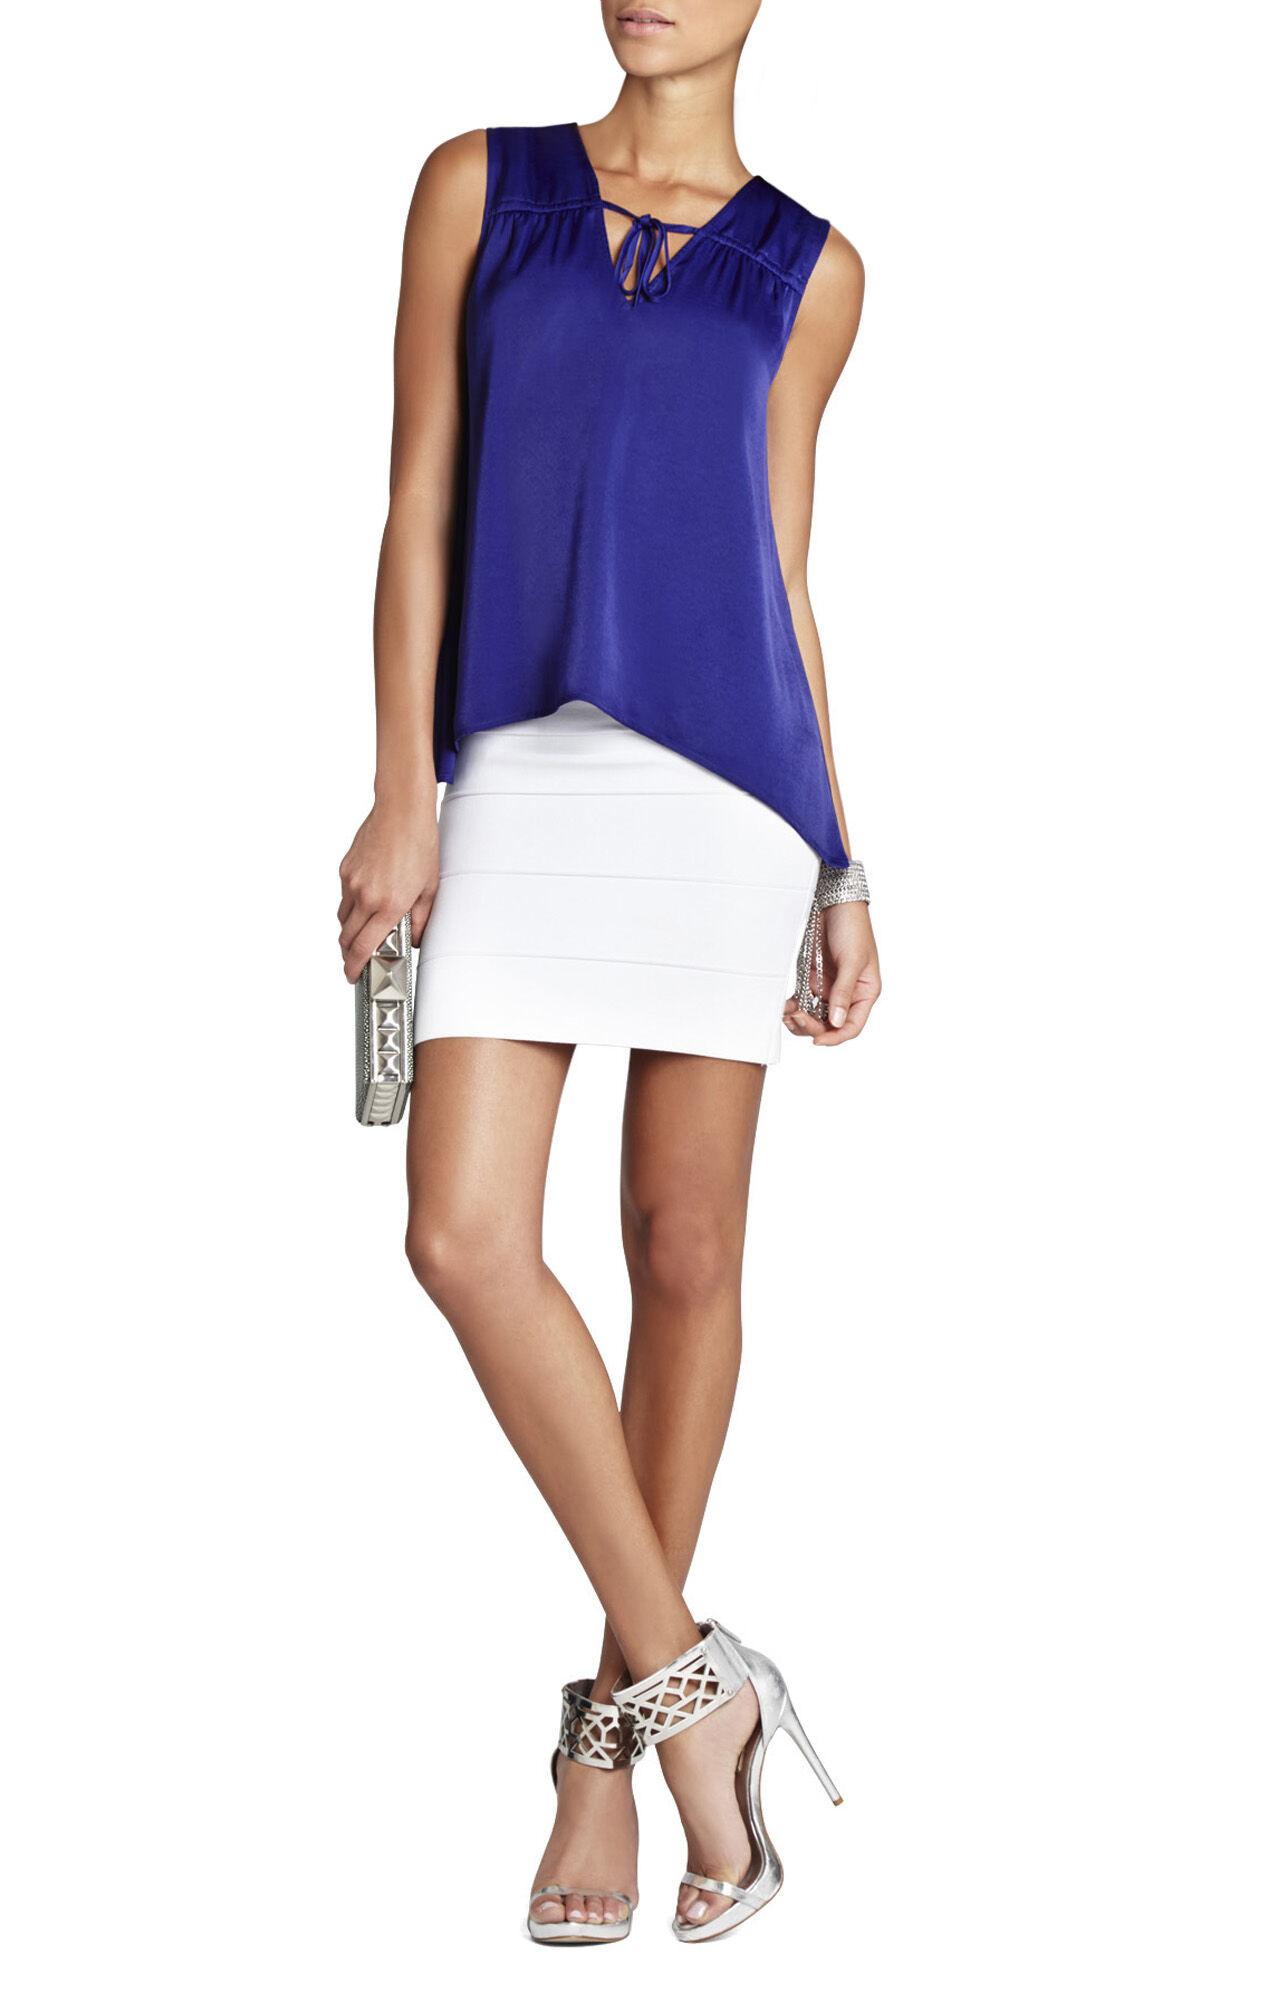 Violette V-Neck Top